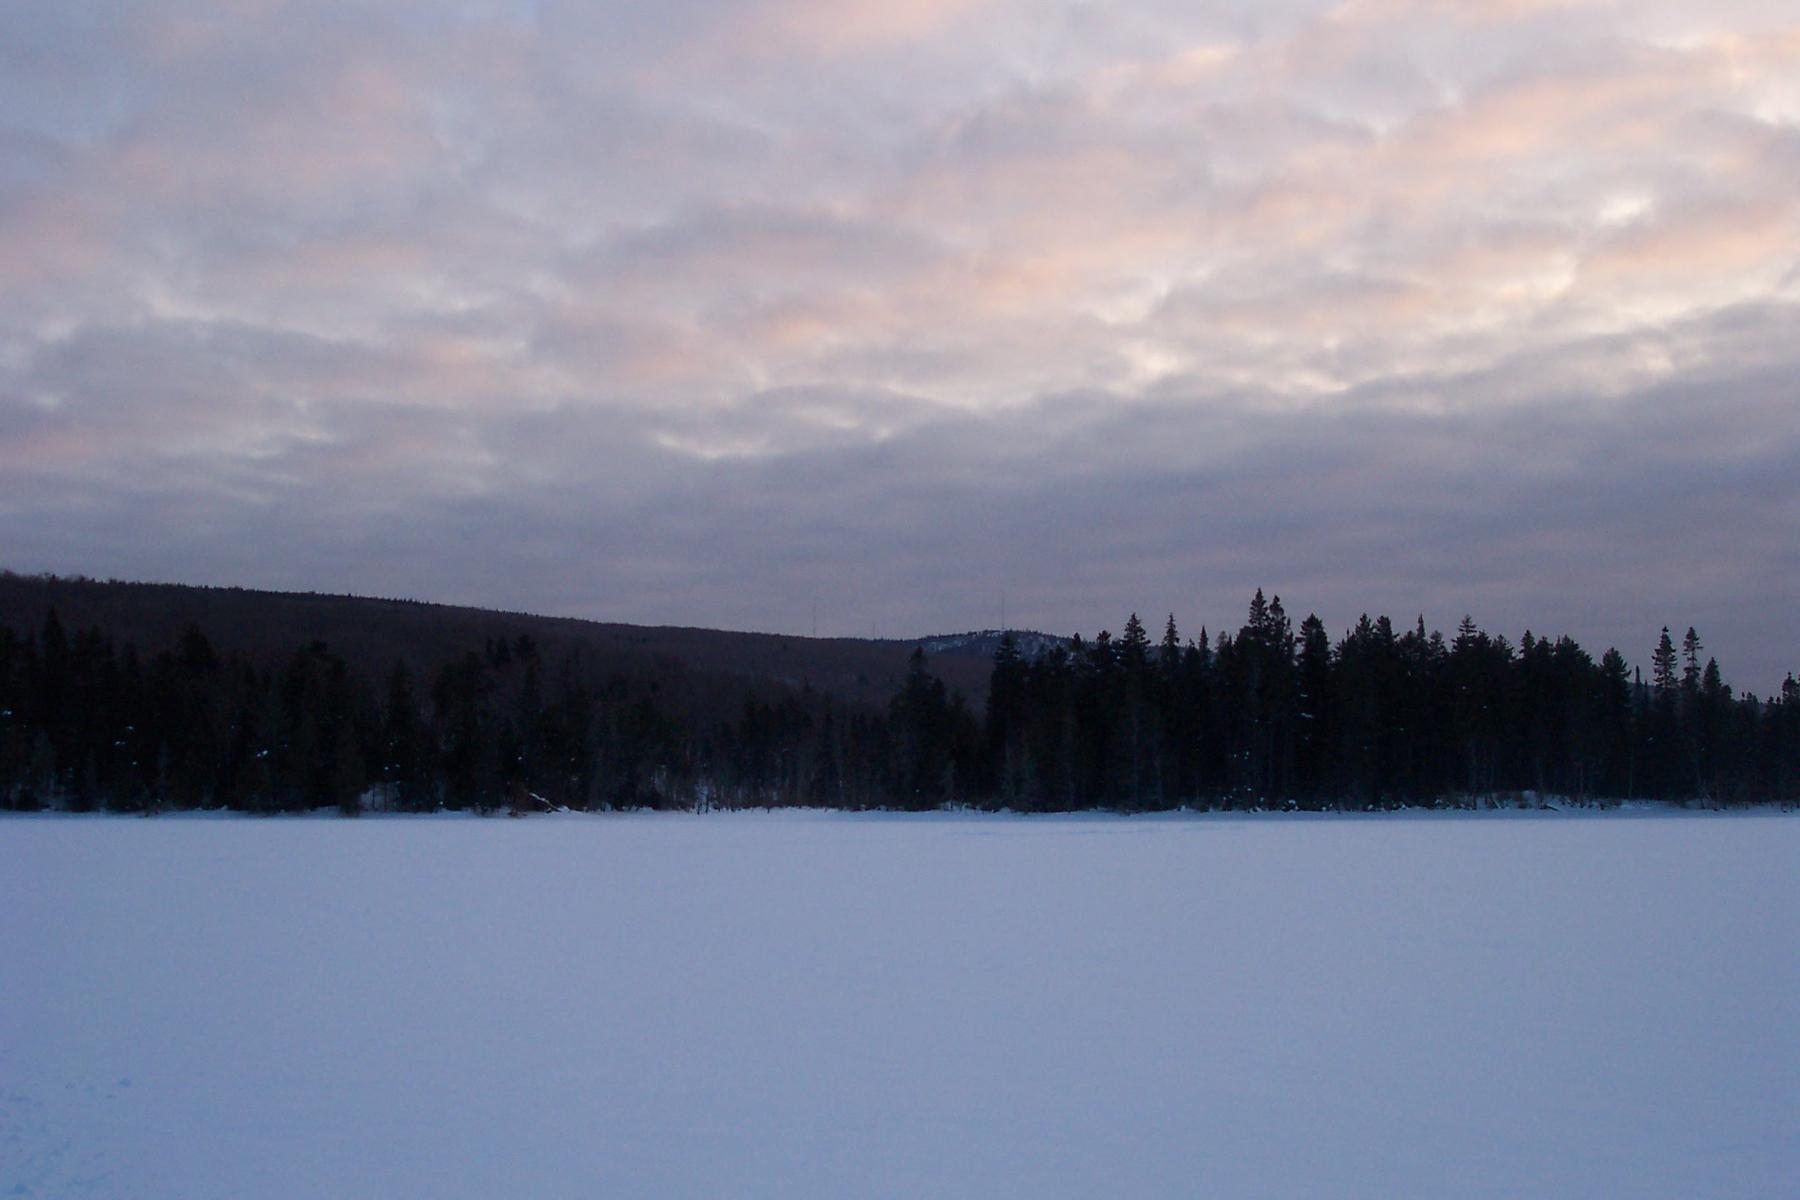 parc-montagne-du-diable-paysage-00092_1800x1200